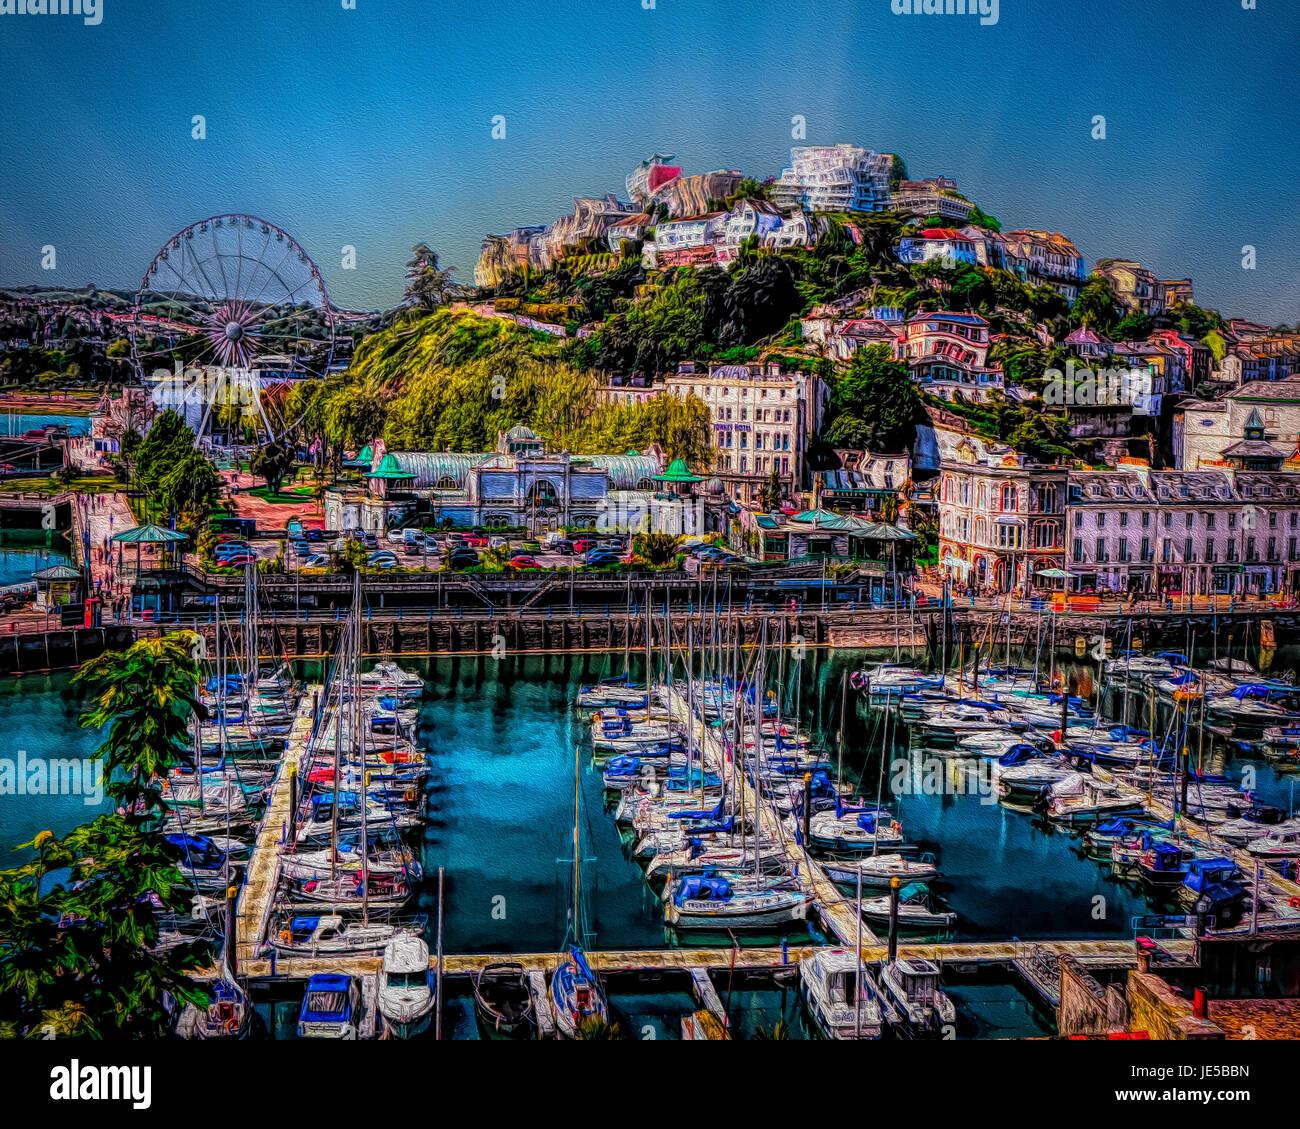 Arte Digital: puerto de Torquay, Devon, Gran Bretaña Imagen De Stock